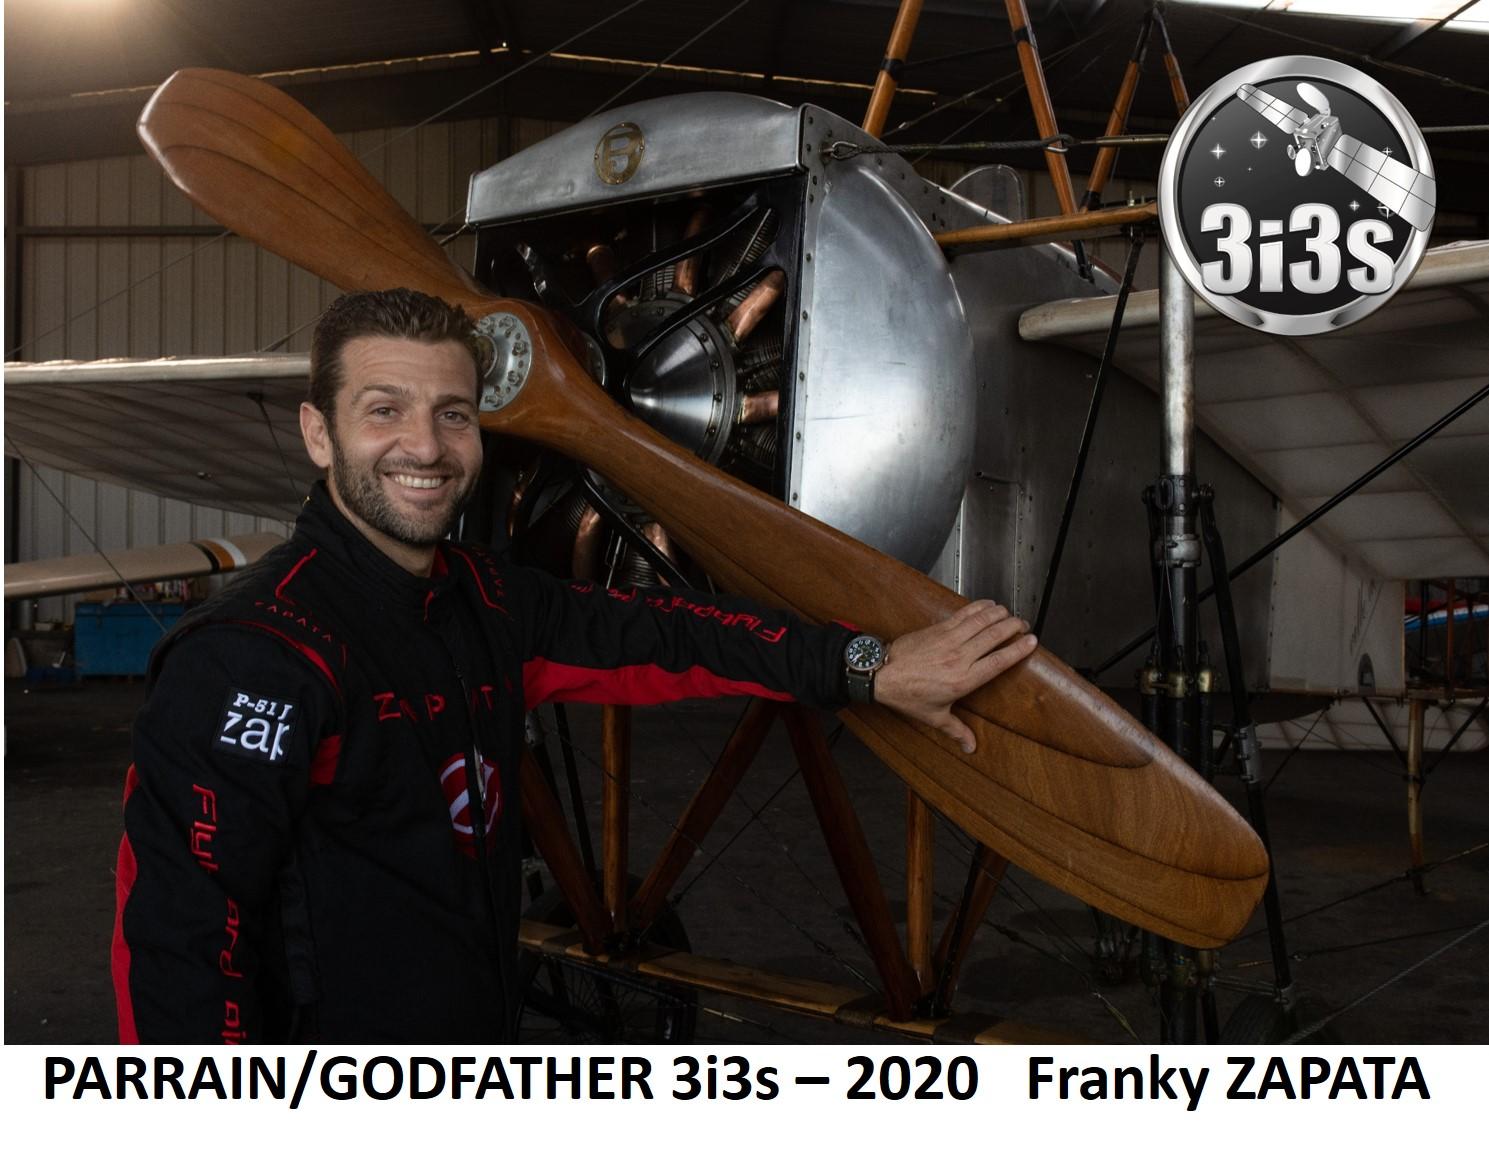 3i3s -PARRAIN / GODFATHER : Franky ZAPATA – 2020